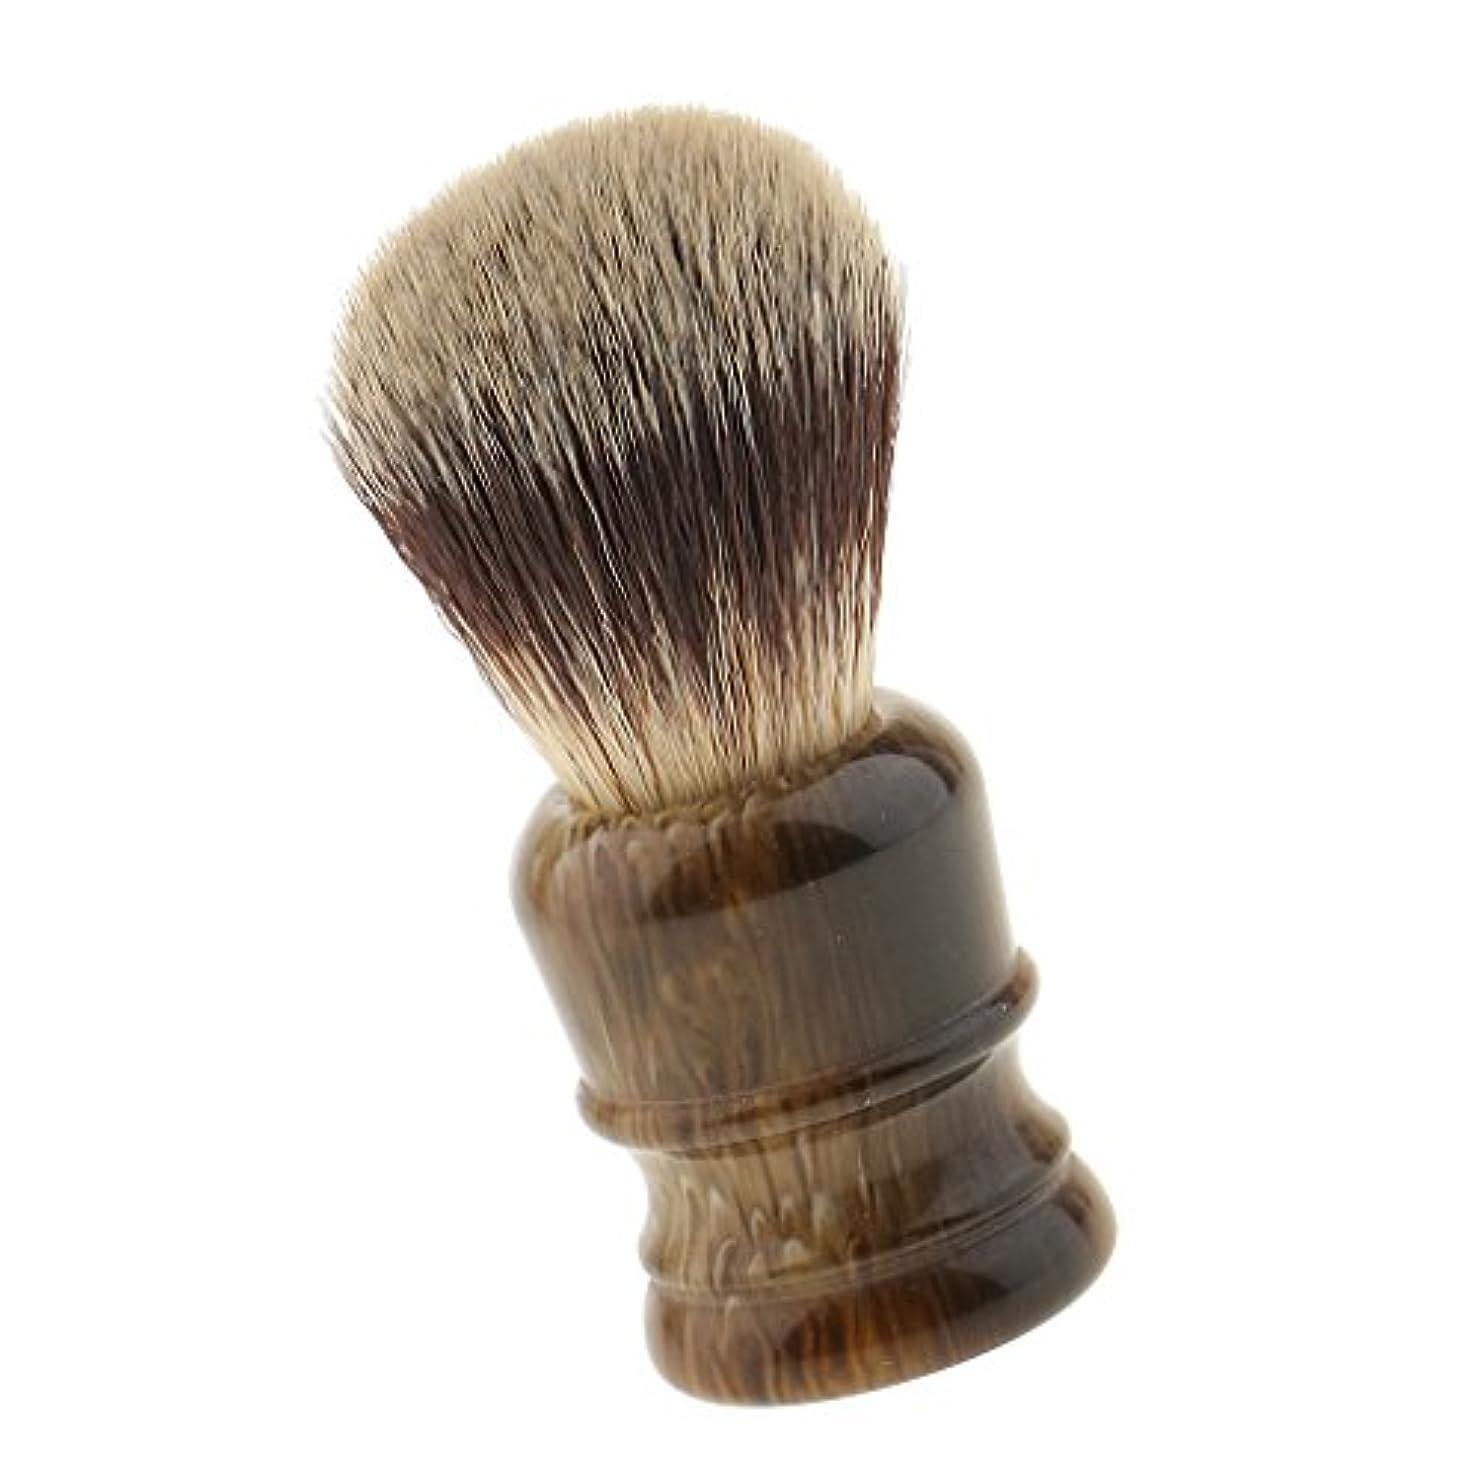 気になる段階トランクライブラリシェービング用 ブラシ シェービングブラシ ファイン模倣 理容 洗顔 髭剃り ギフト